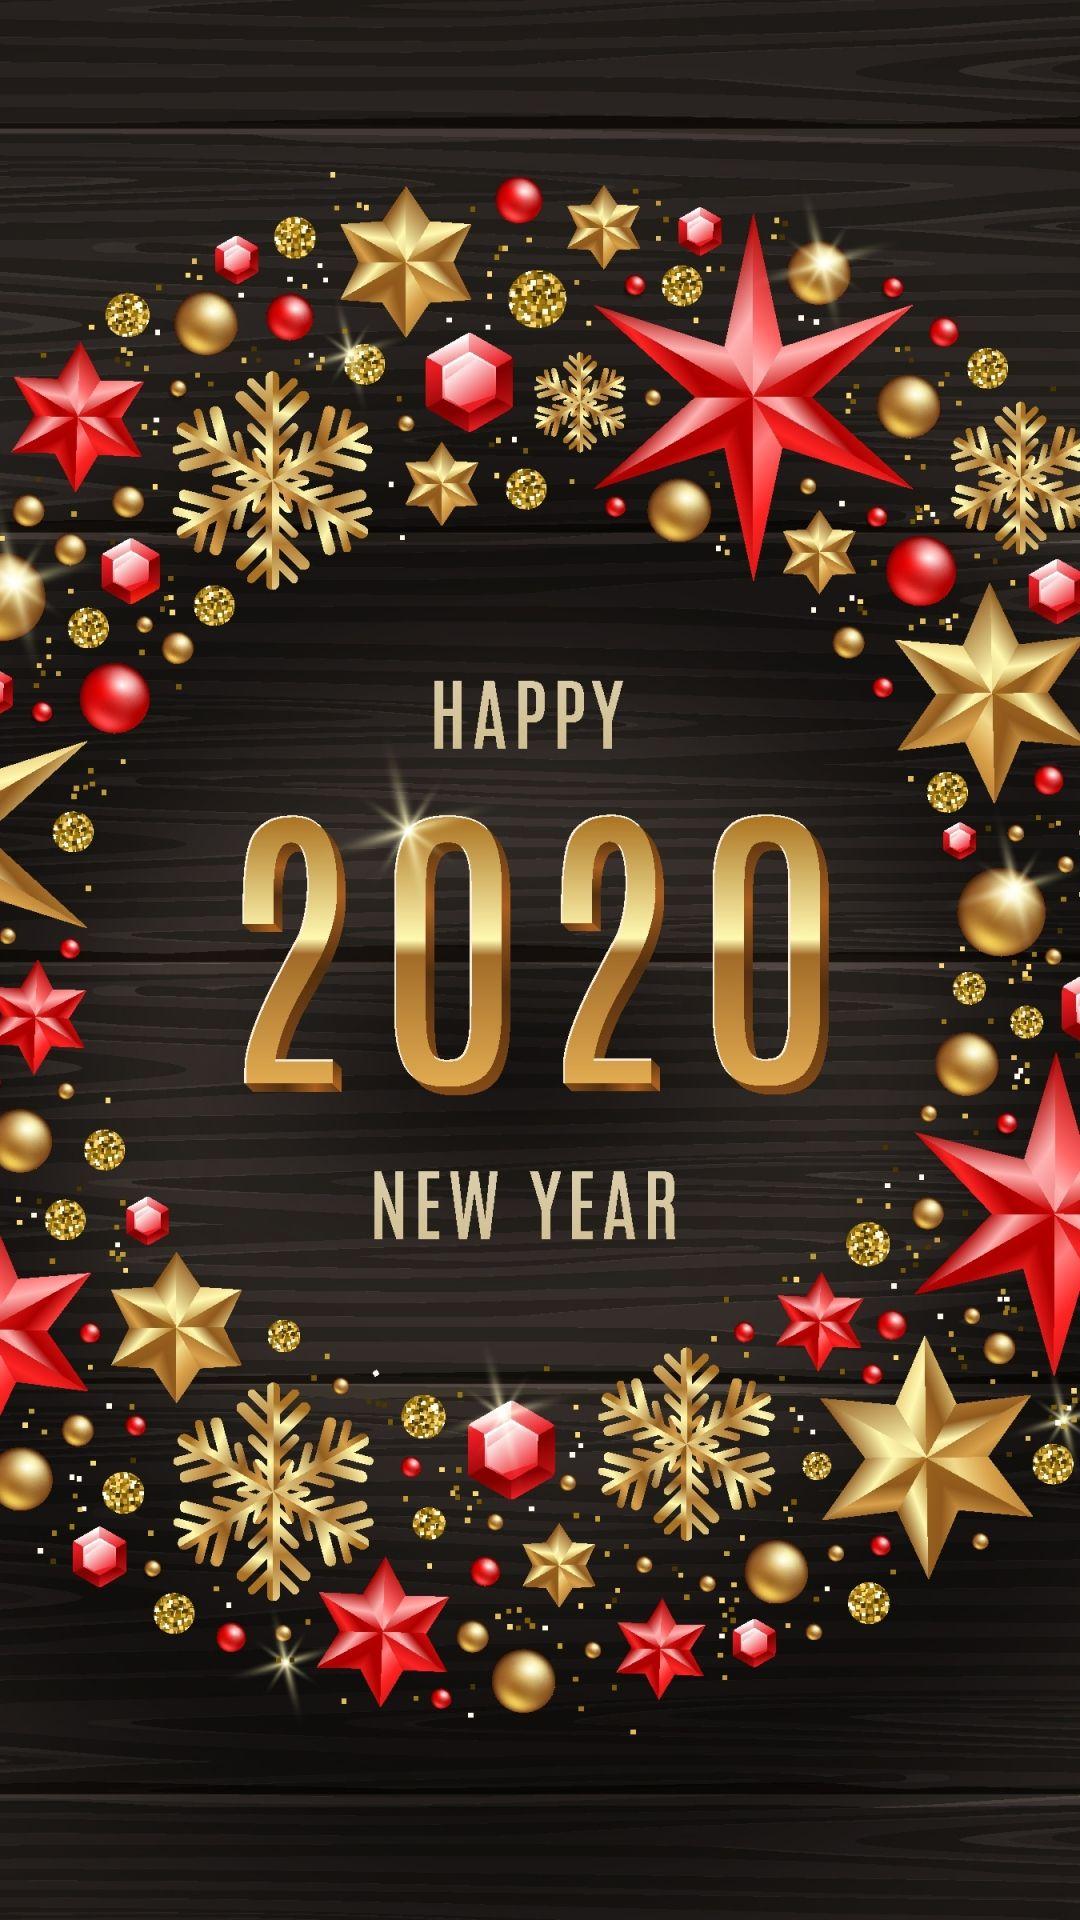 Hình nền điện thoại chúc mừng năm mới 2020 full hd